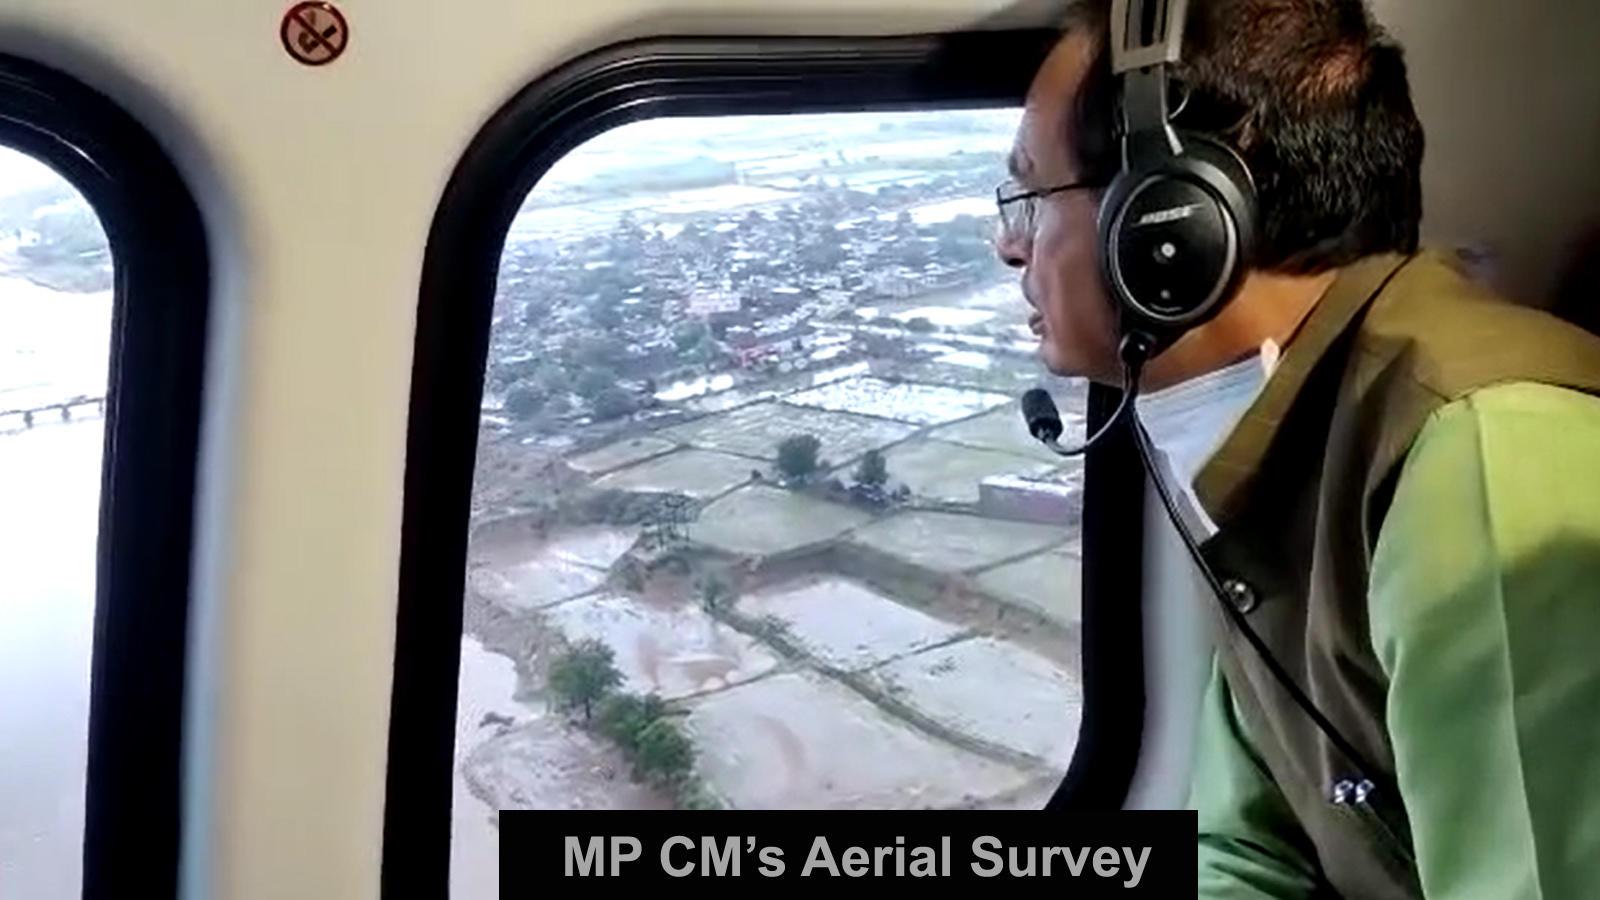 madhya-pradesh-shivraj-singh-chauhan-conducts-aerial-survey-of-flood-hit-areas